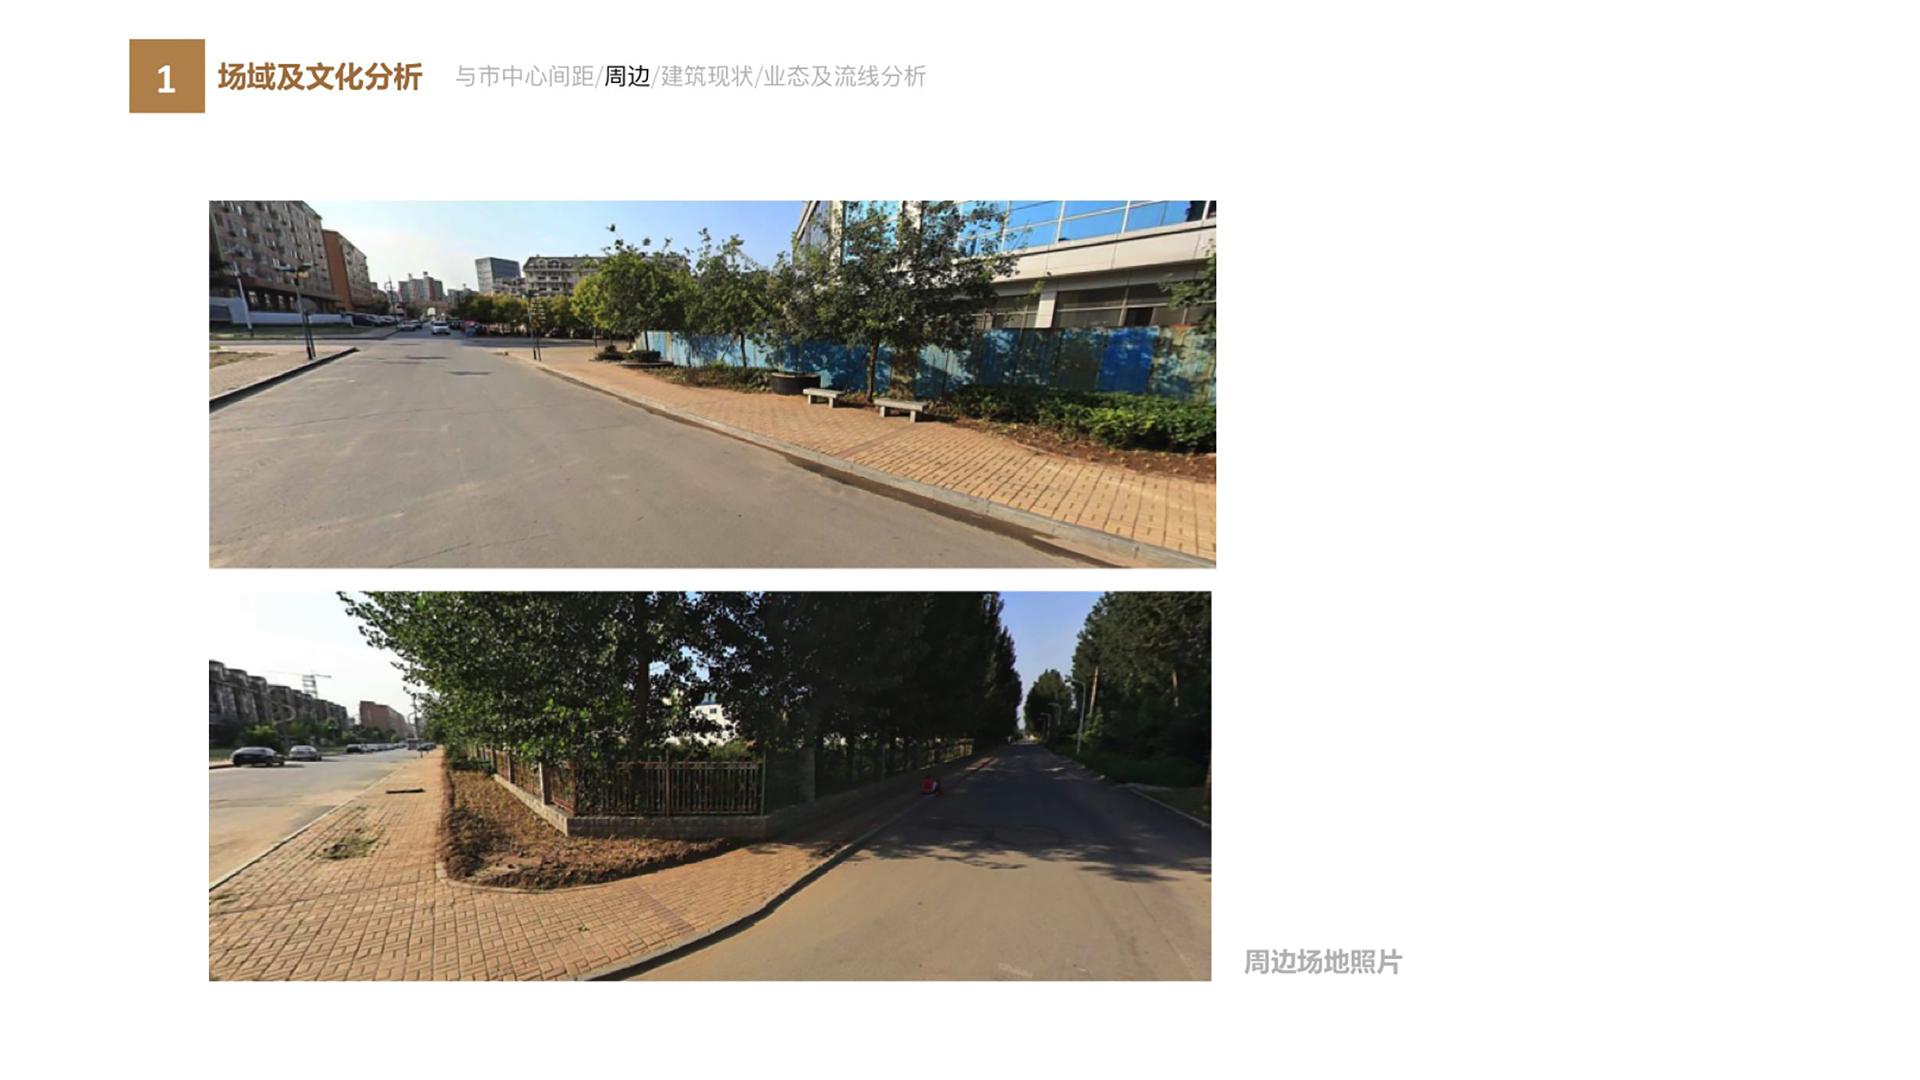 碧桂园商业楼场域及文化分析—周边